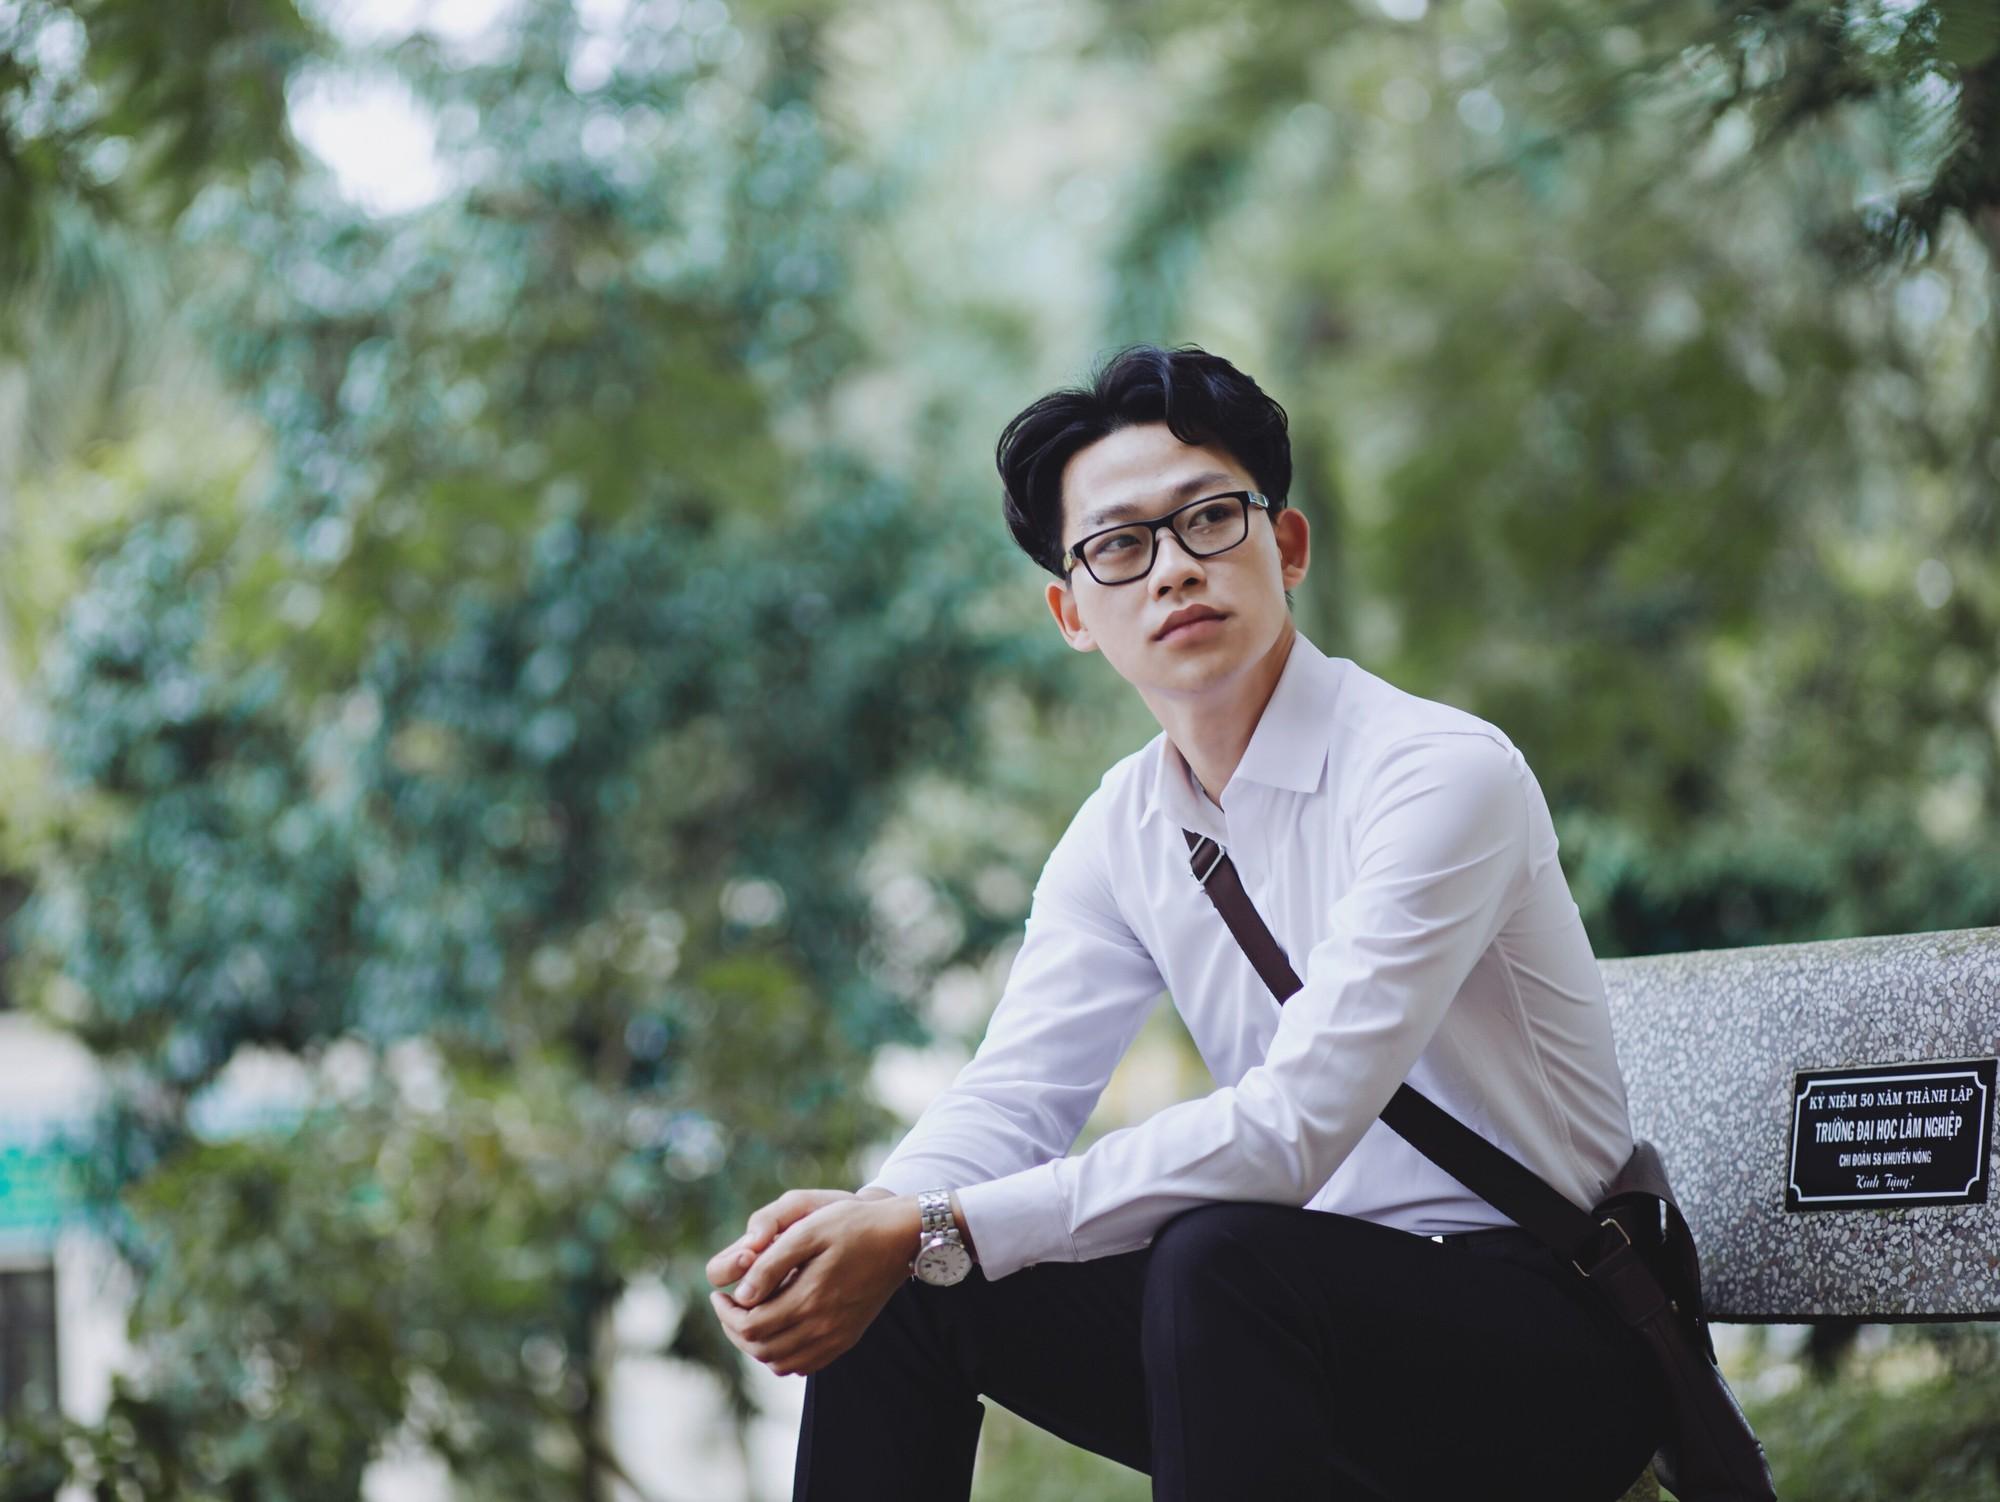 Cậu bạn Hà Nội đẹp trai, giành học bổng du học 5 nước, là thủ khoa đầu vào và tốt nghiệp ĐH với số điểm cao nhất - Ảnh 5.